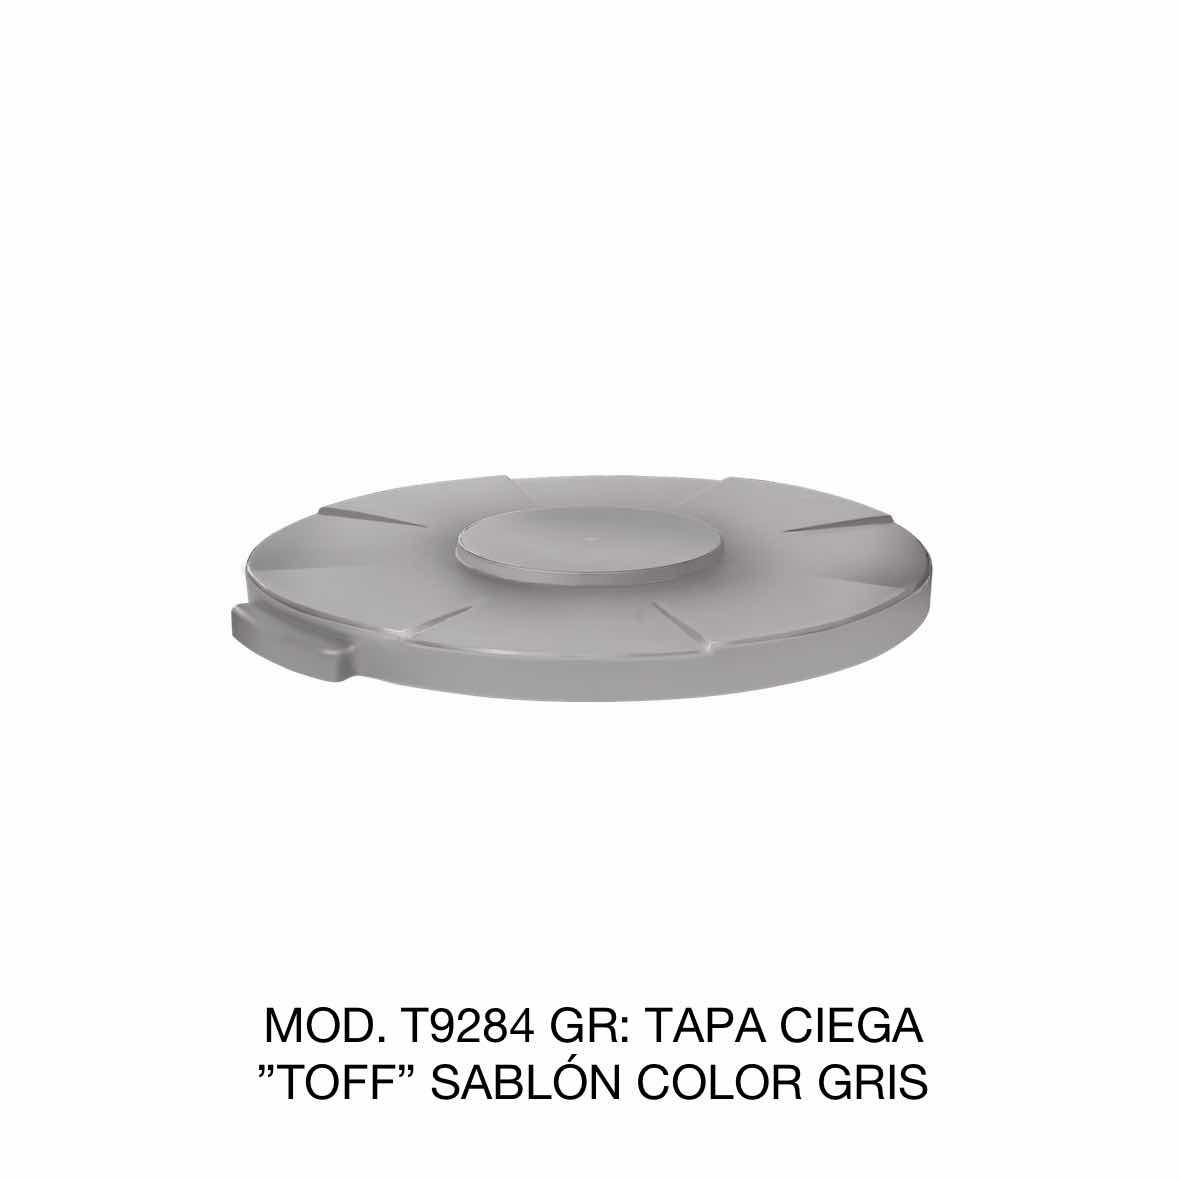 Tapa para contenedor de basura de 120 litros TOFF modelo T9284 GR color gris de Sablón